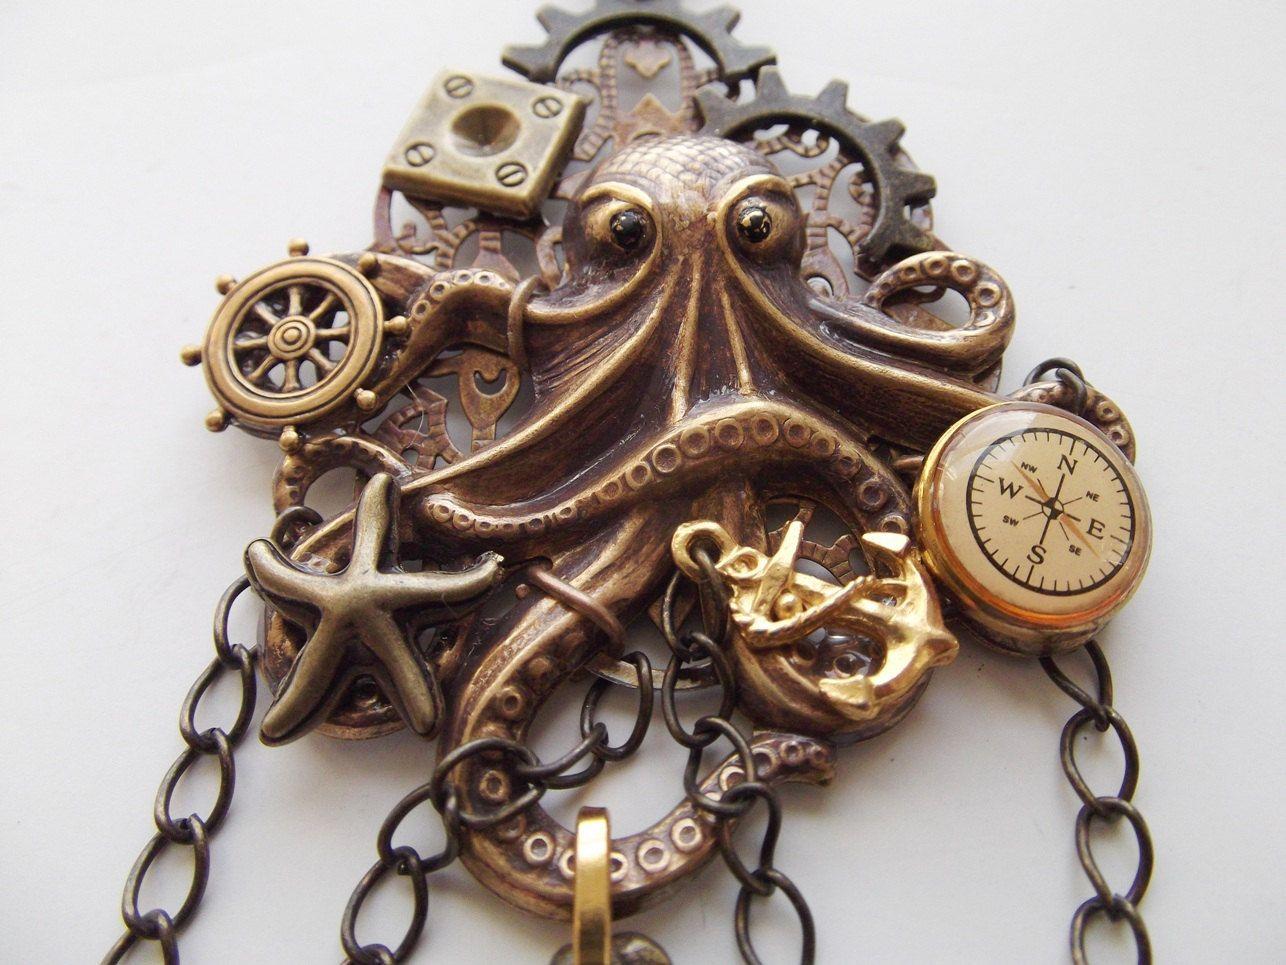 Necklace, Captain Nemo 20,000 Leagues Under the Sea - Sub Captains ...